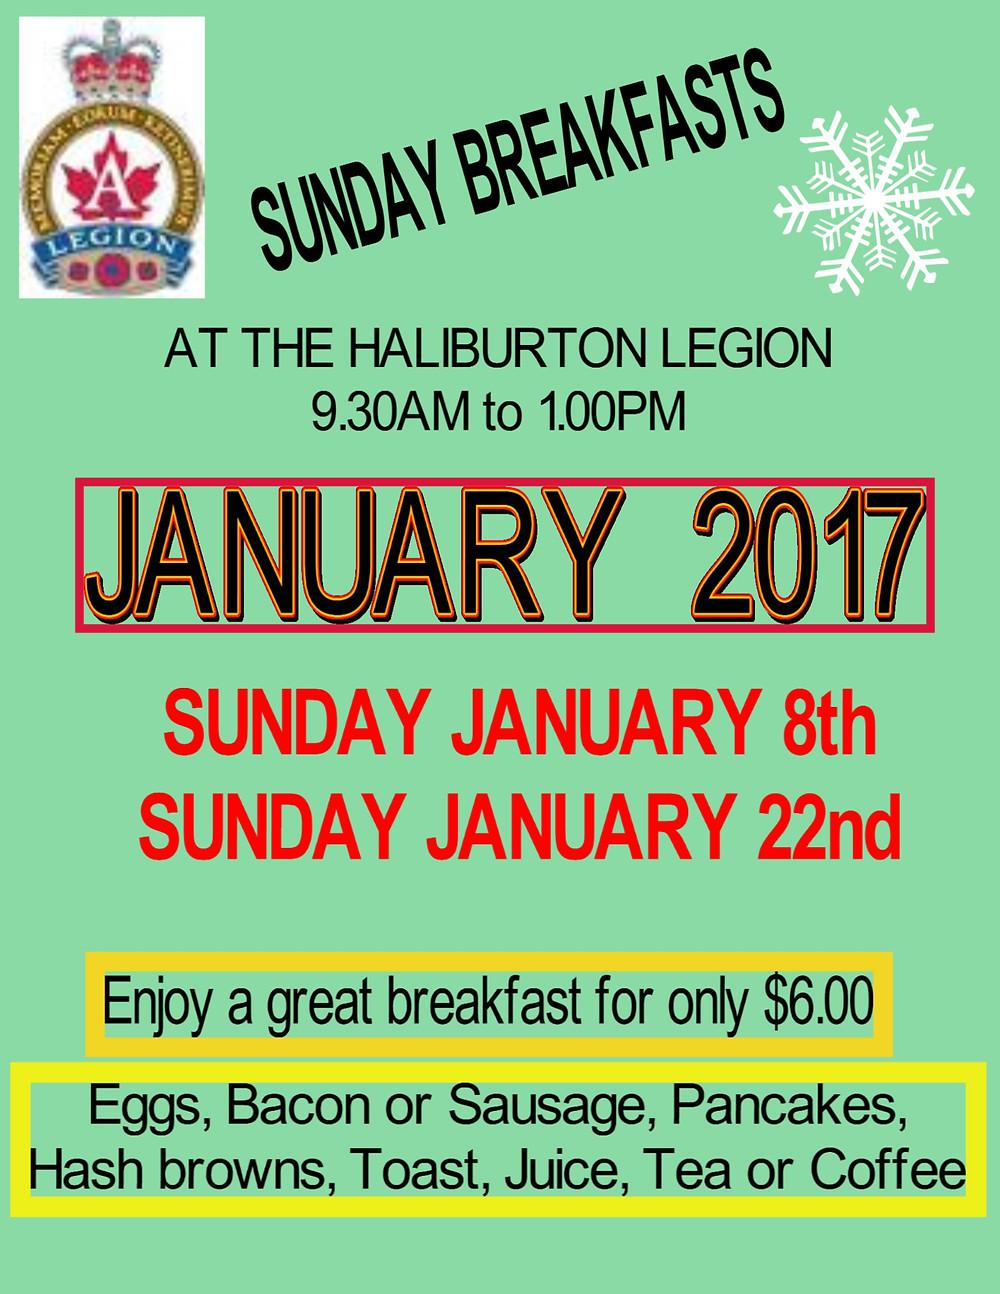 January Sunday Breakfast